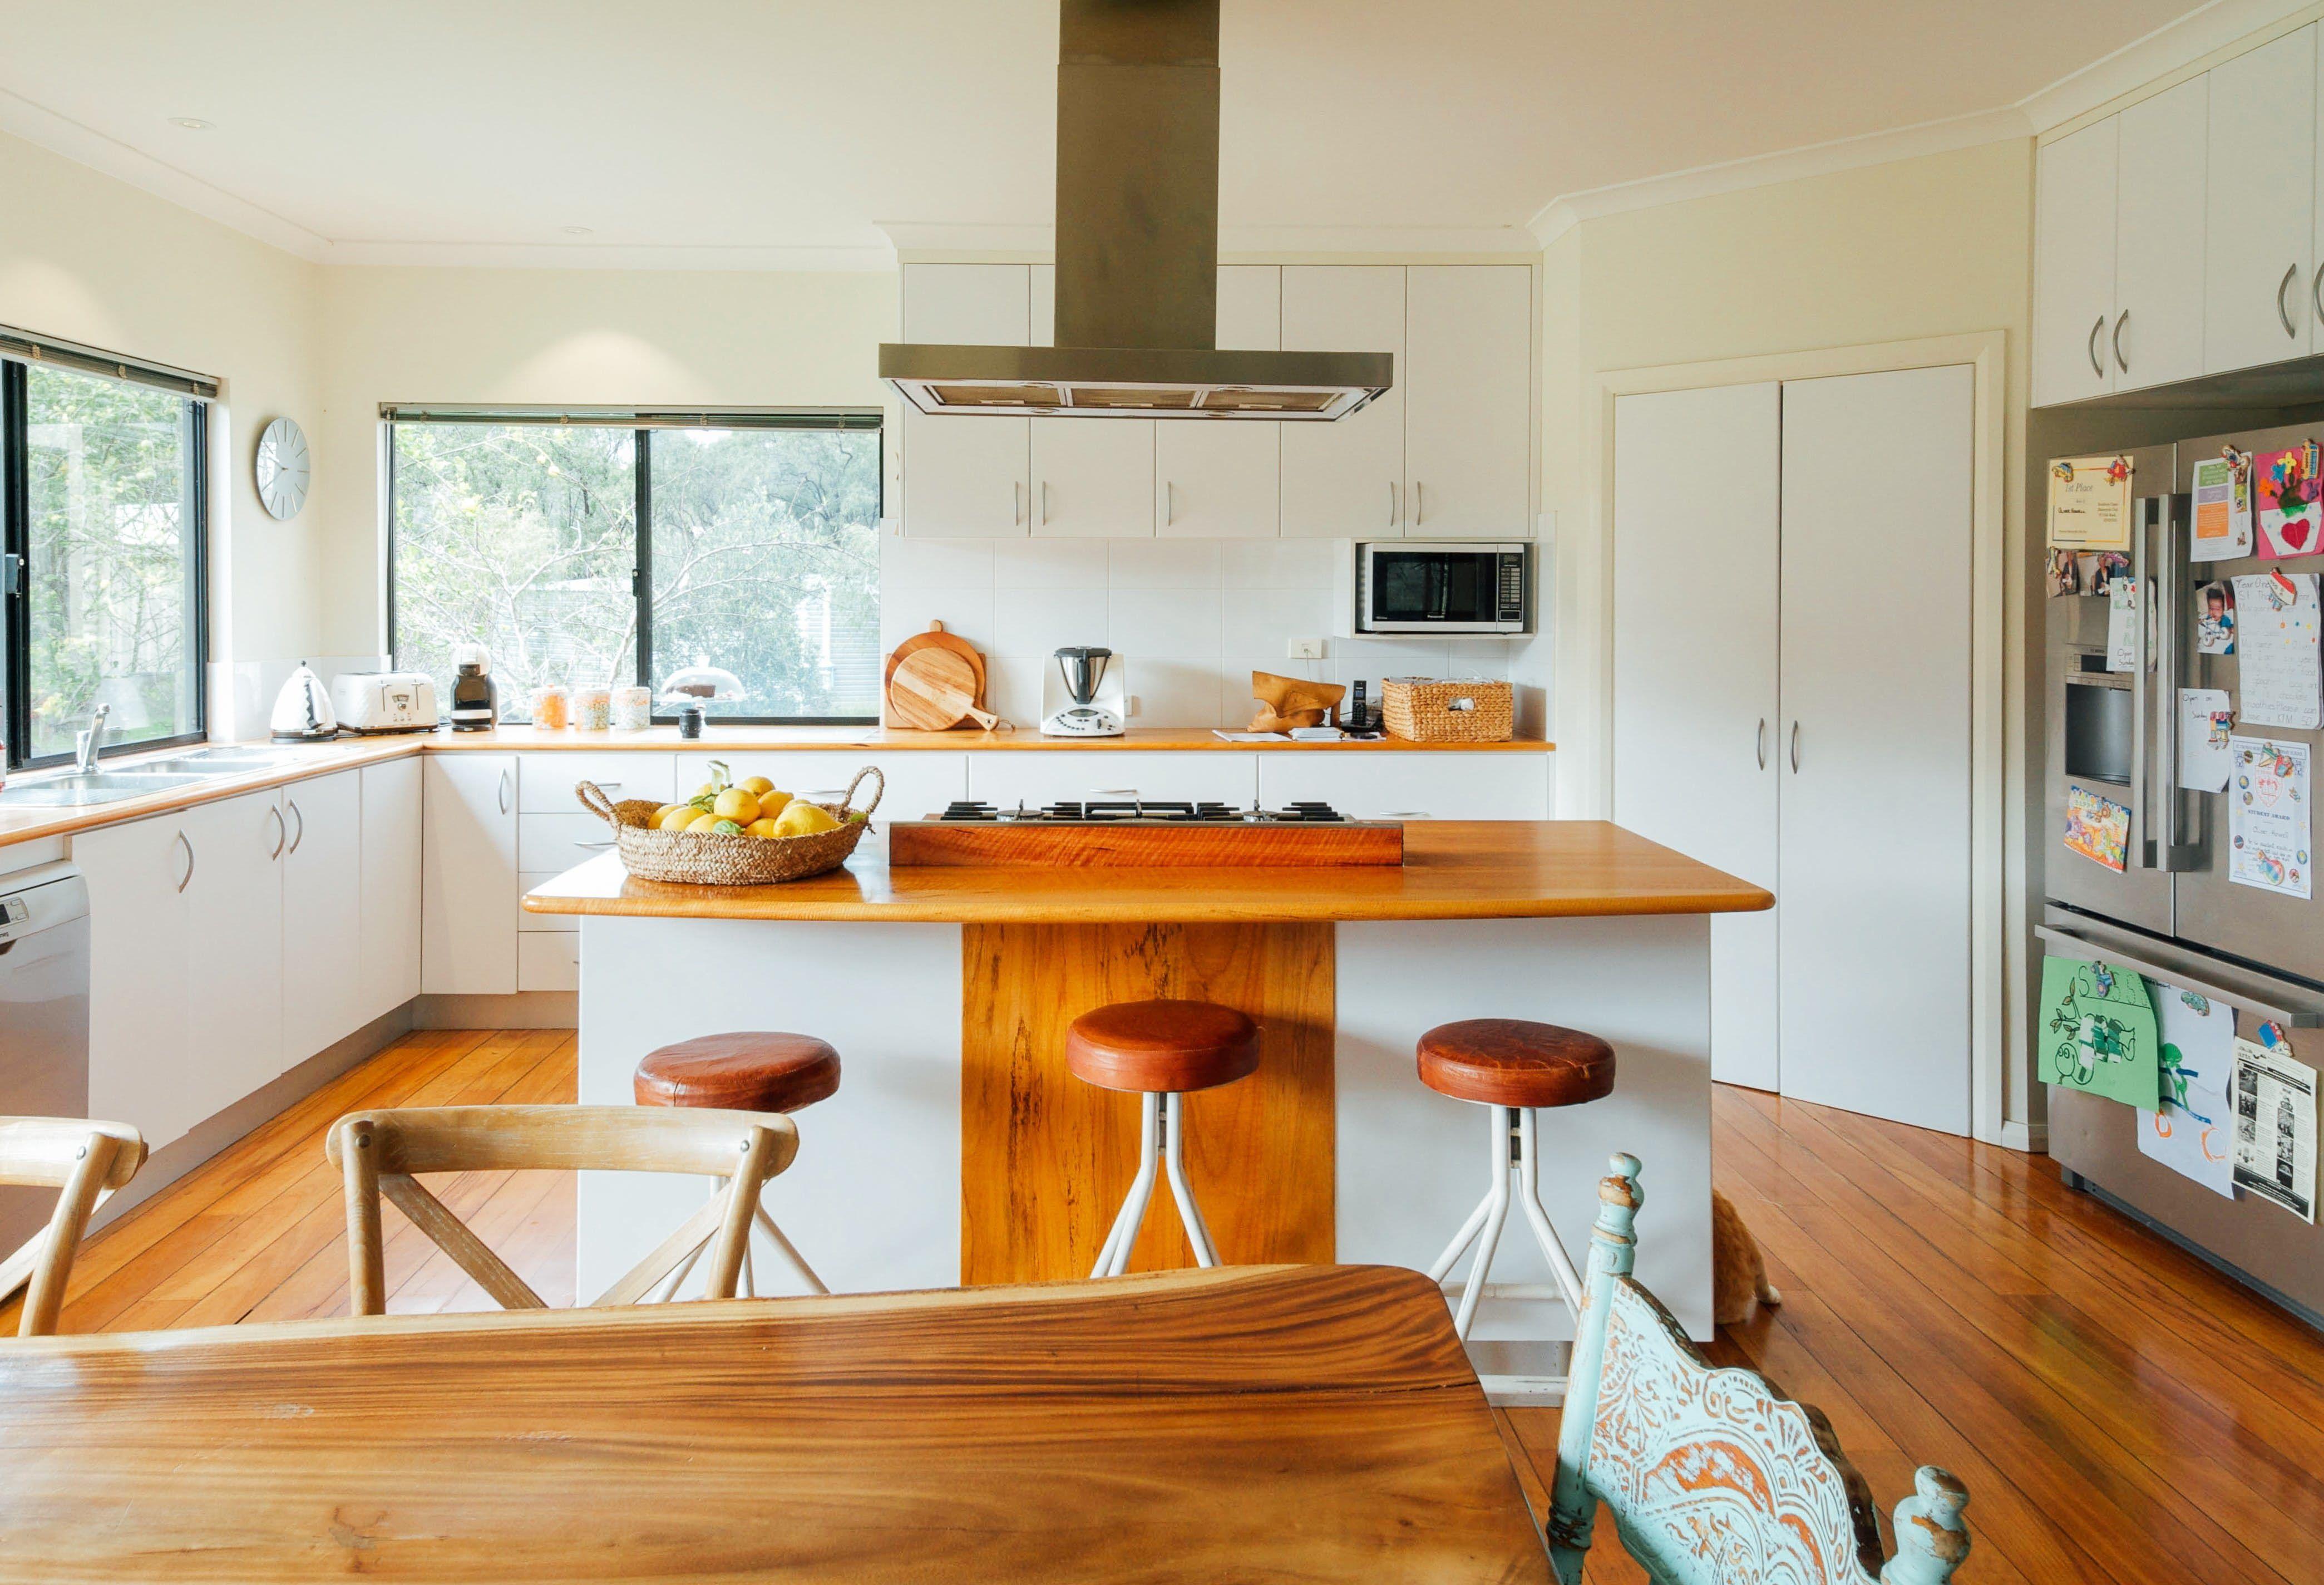 Asombroso Perth Mejores Diseñadores De Cocina Colección de Imágenes ...